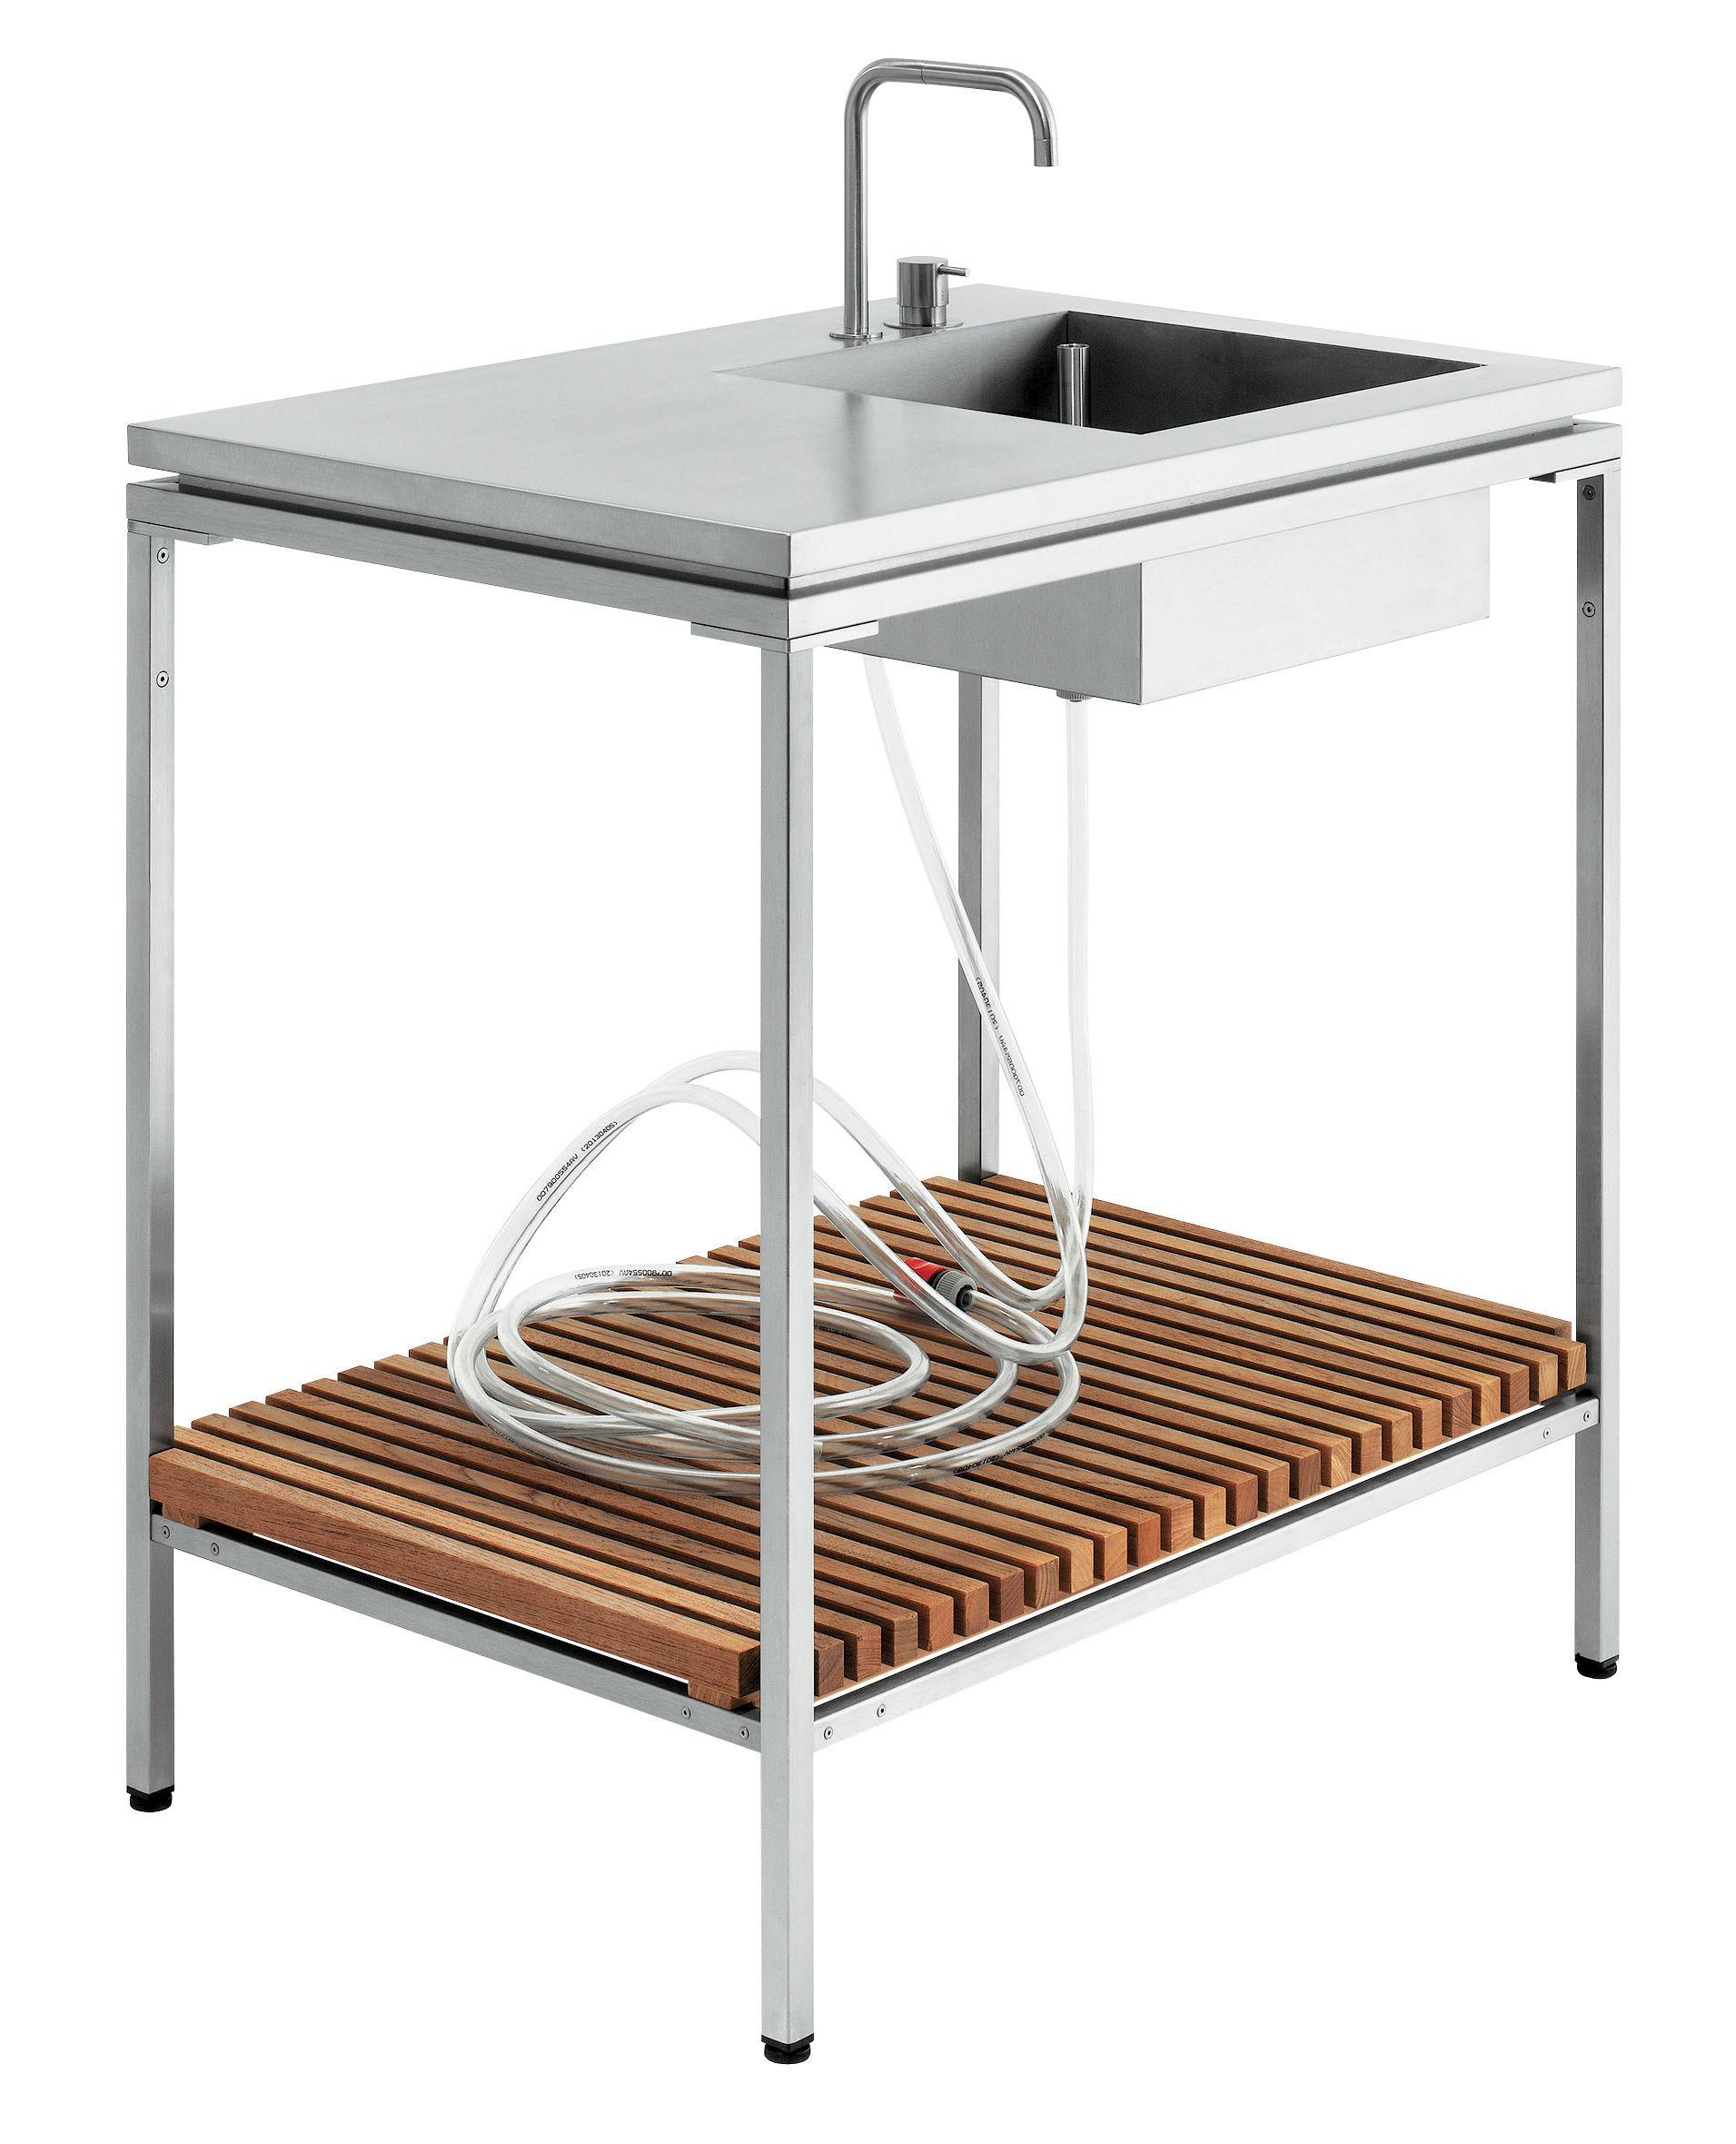 Lavandino - Per cucina da esterno Teck by Viteo | Made In Design